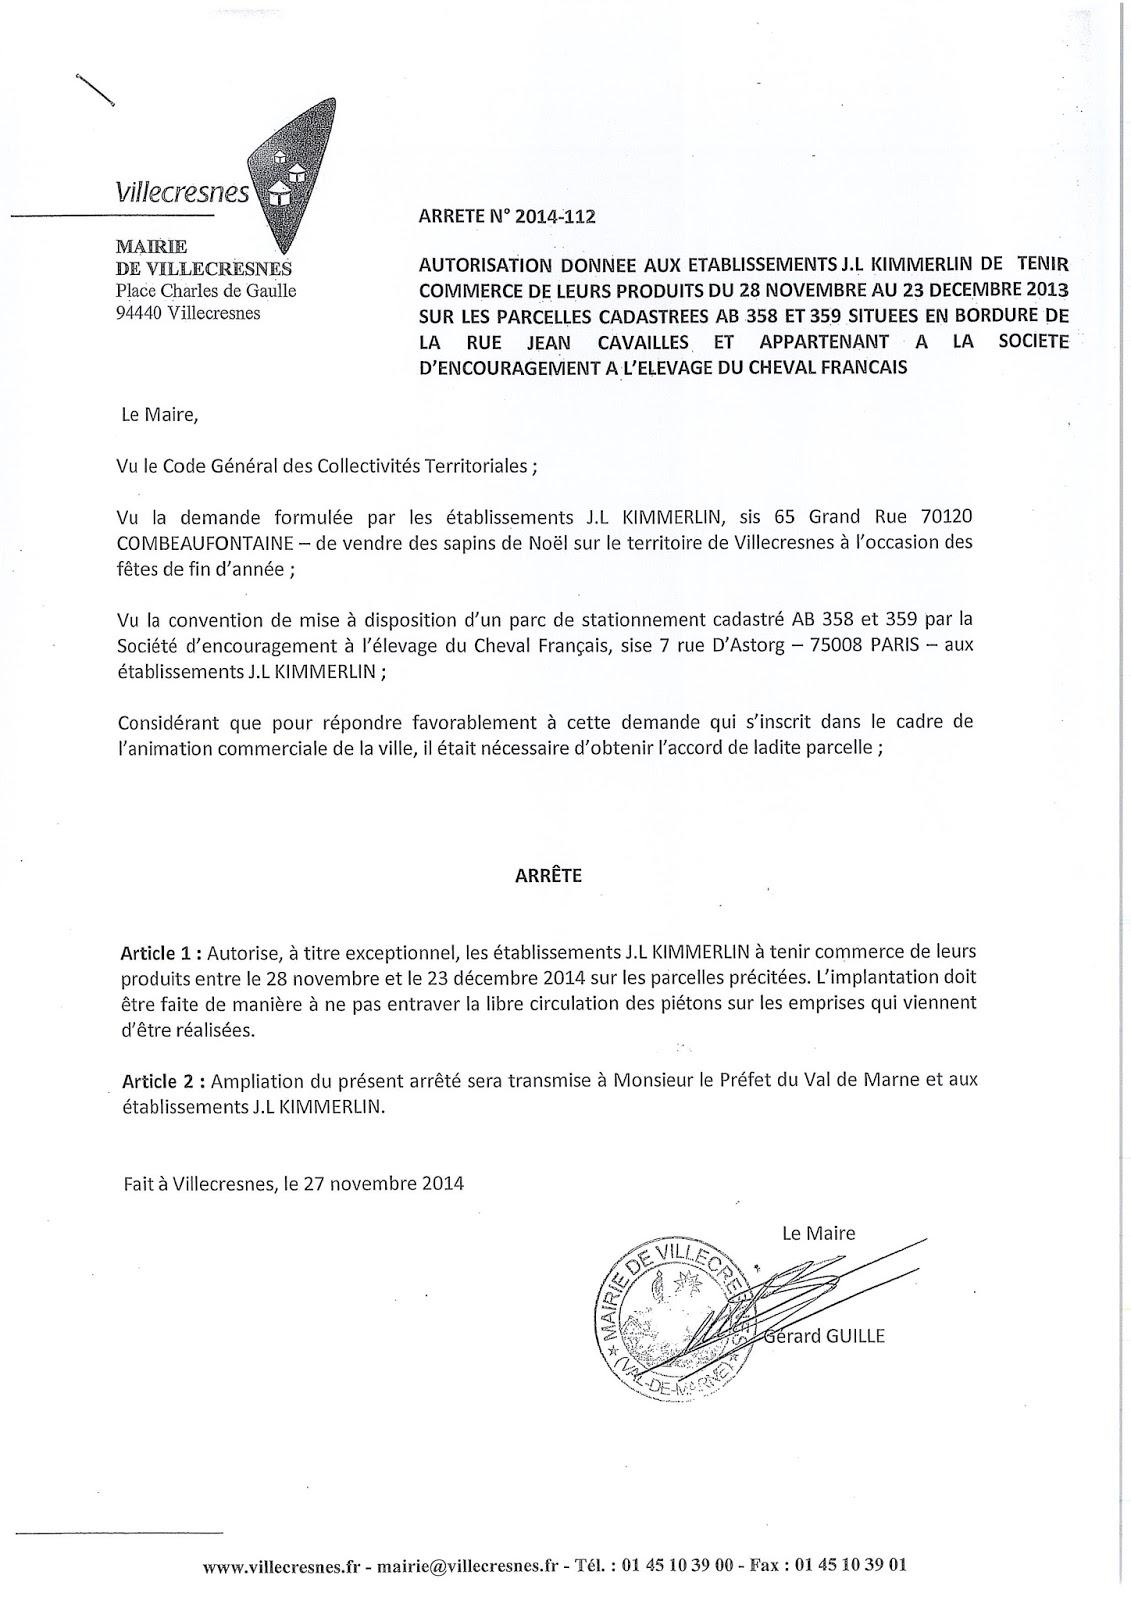 2014-112 Autorisation aux établissements JL Kimmerlin de tenir commerce du 28 nov au 23 déc 2013 sur les parcelles situées rue Jean Cavailles et appartenant à la société d'encouragement d'élevage du cheval frrançais